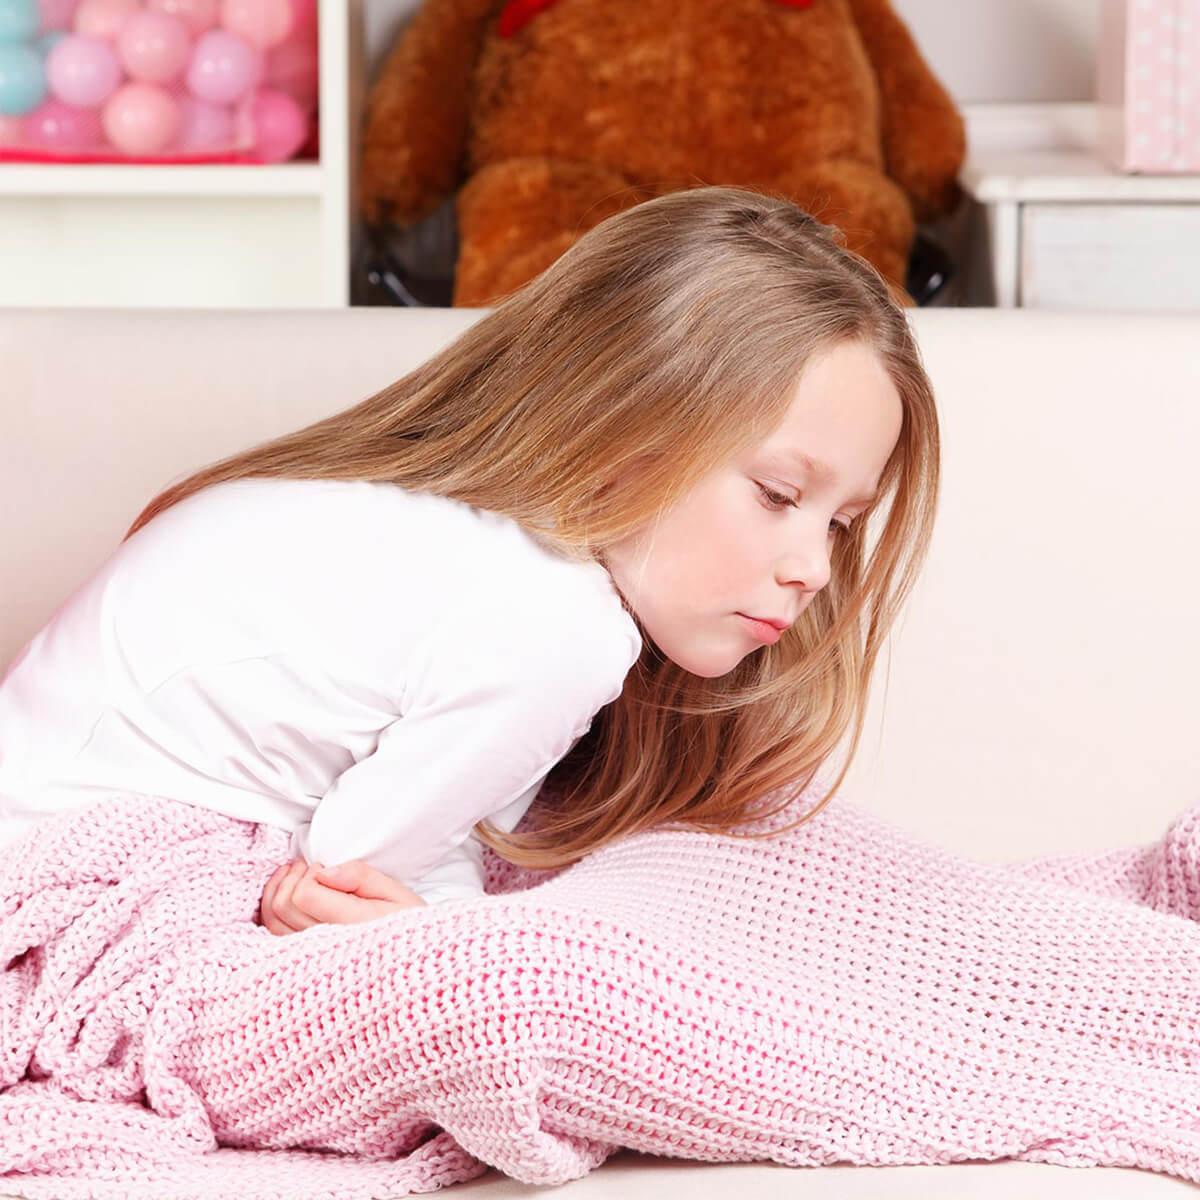 کرمک در کودکان – علائم ، تشخیص و درمان